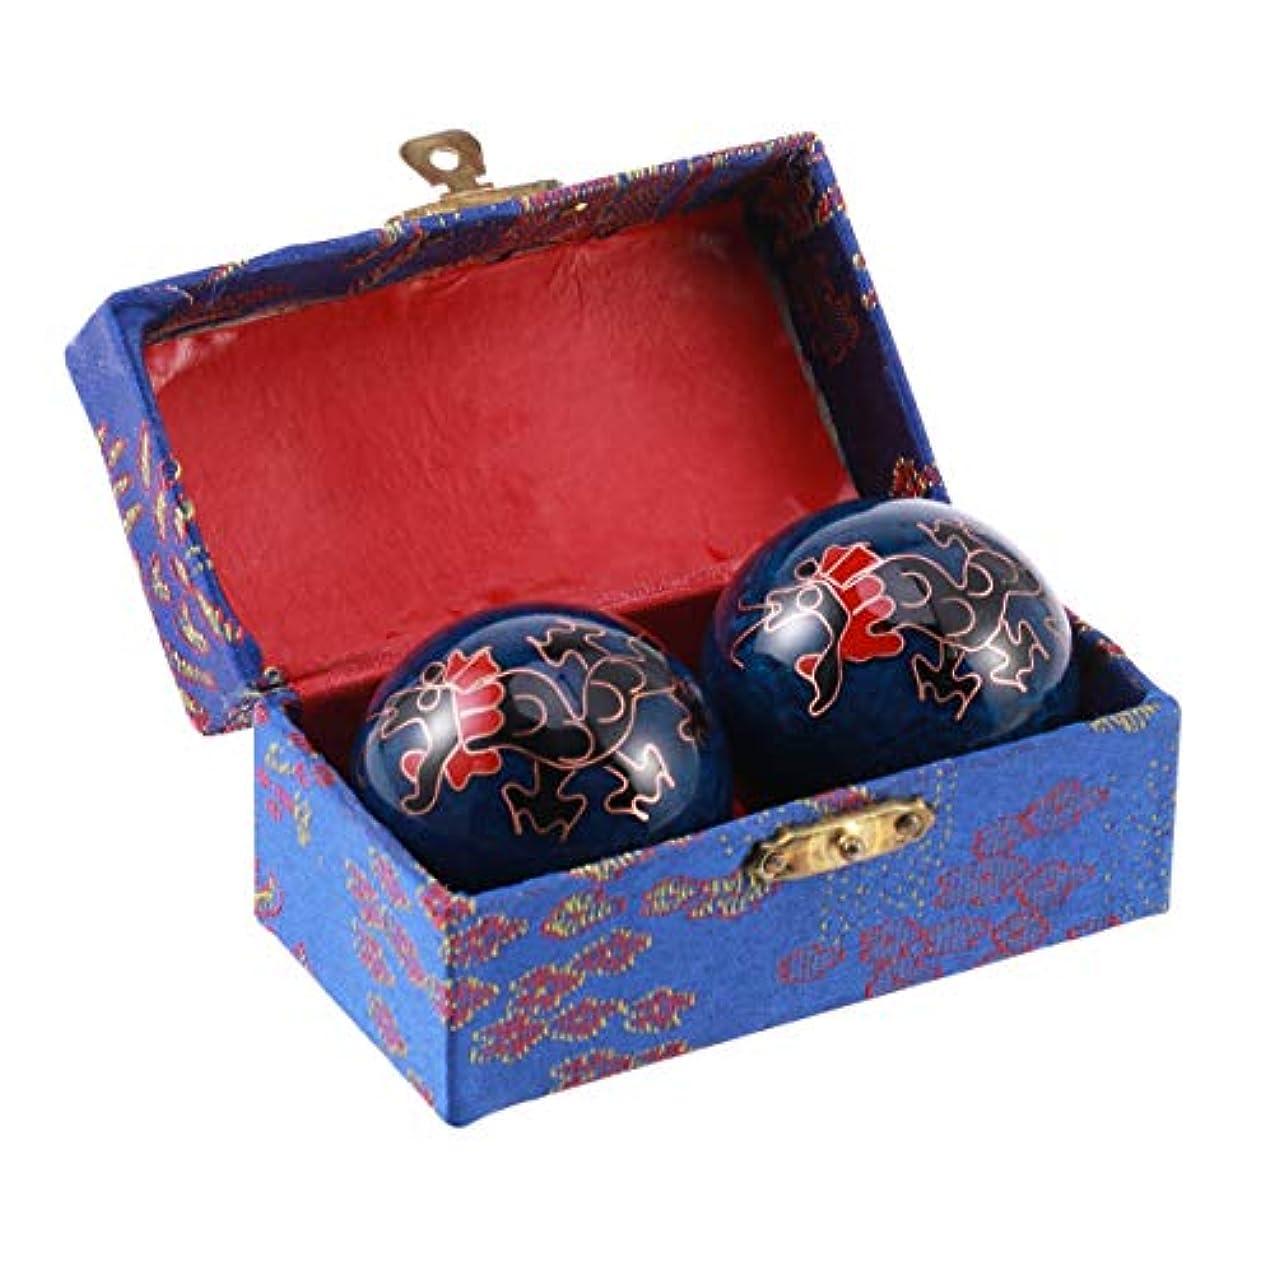 国勢調査魅力的墓Healifty 2pcs中国の健康玉はボールを鍛える運動マッサージボールのストレスは、ハンドセラピーのストレスリリーフ(ブラックドラゴンズとフェニックス)のハンドエクササイズセラピーボールを解放します。